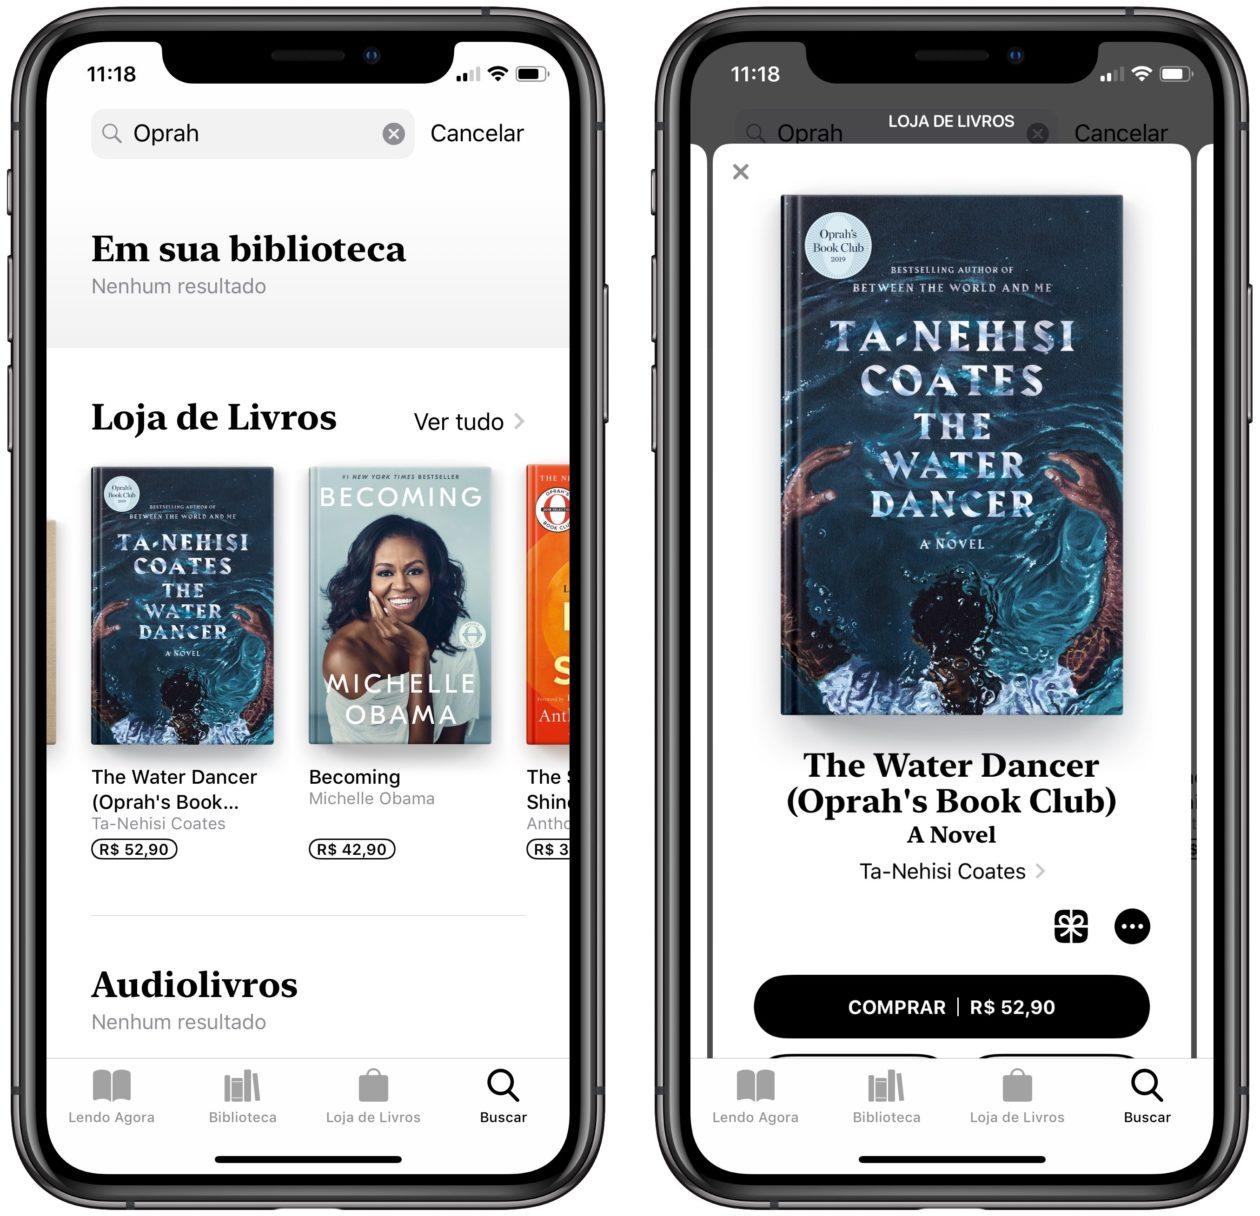 Oprah Book Club